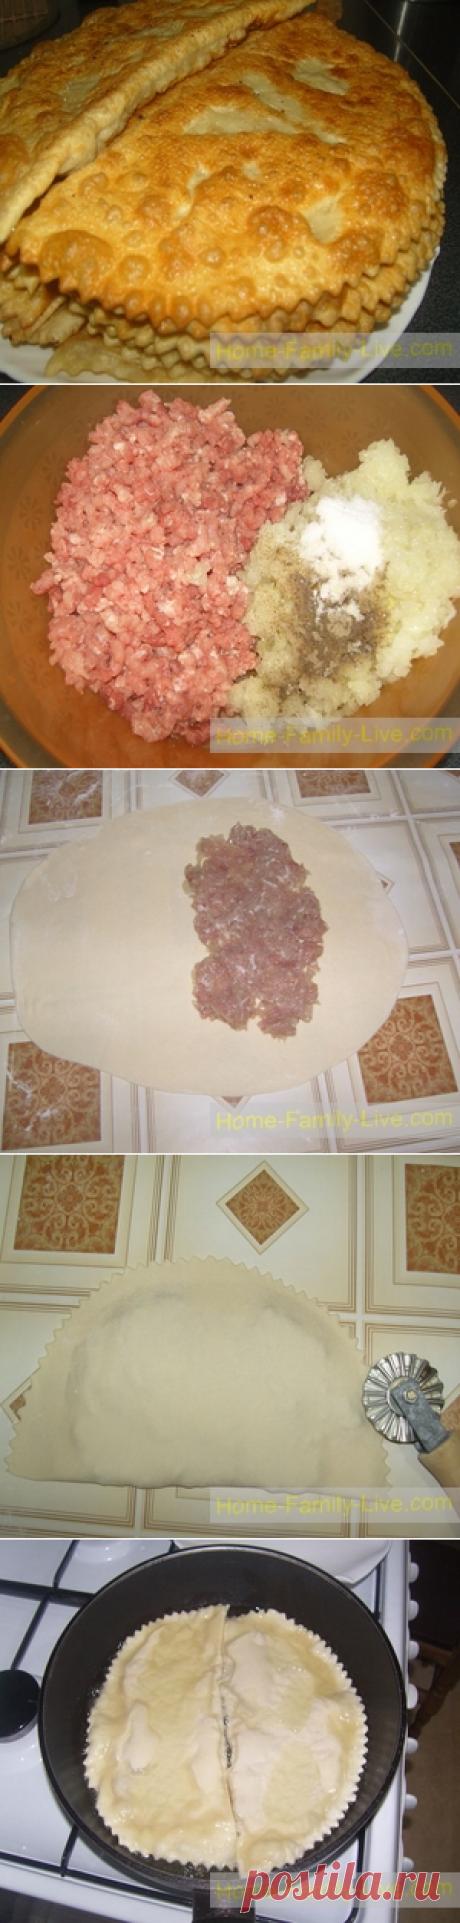 Чебуреки/Сайт с пошаговыми рецептами с фото для тех кто любит готовить